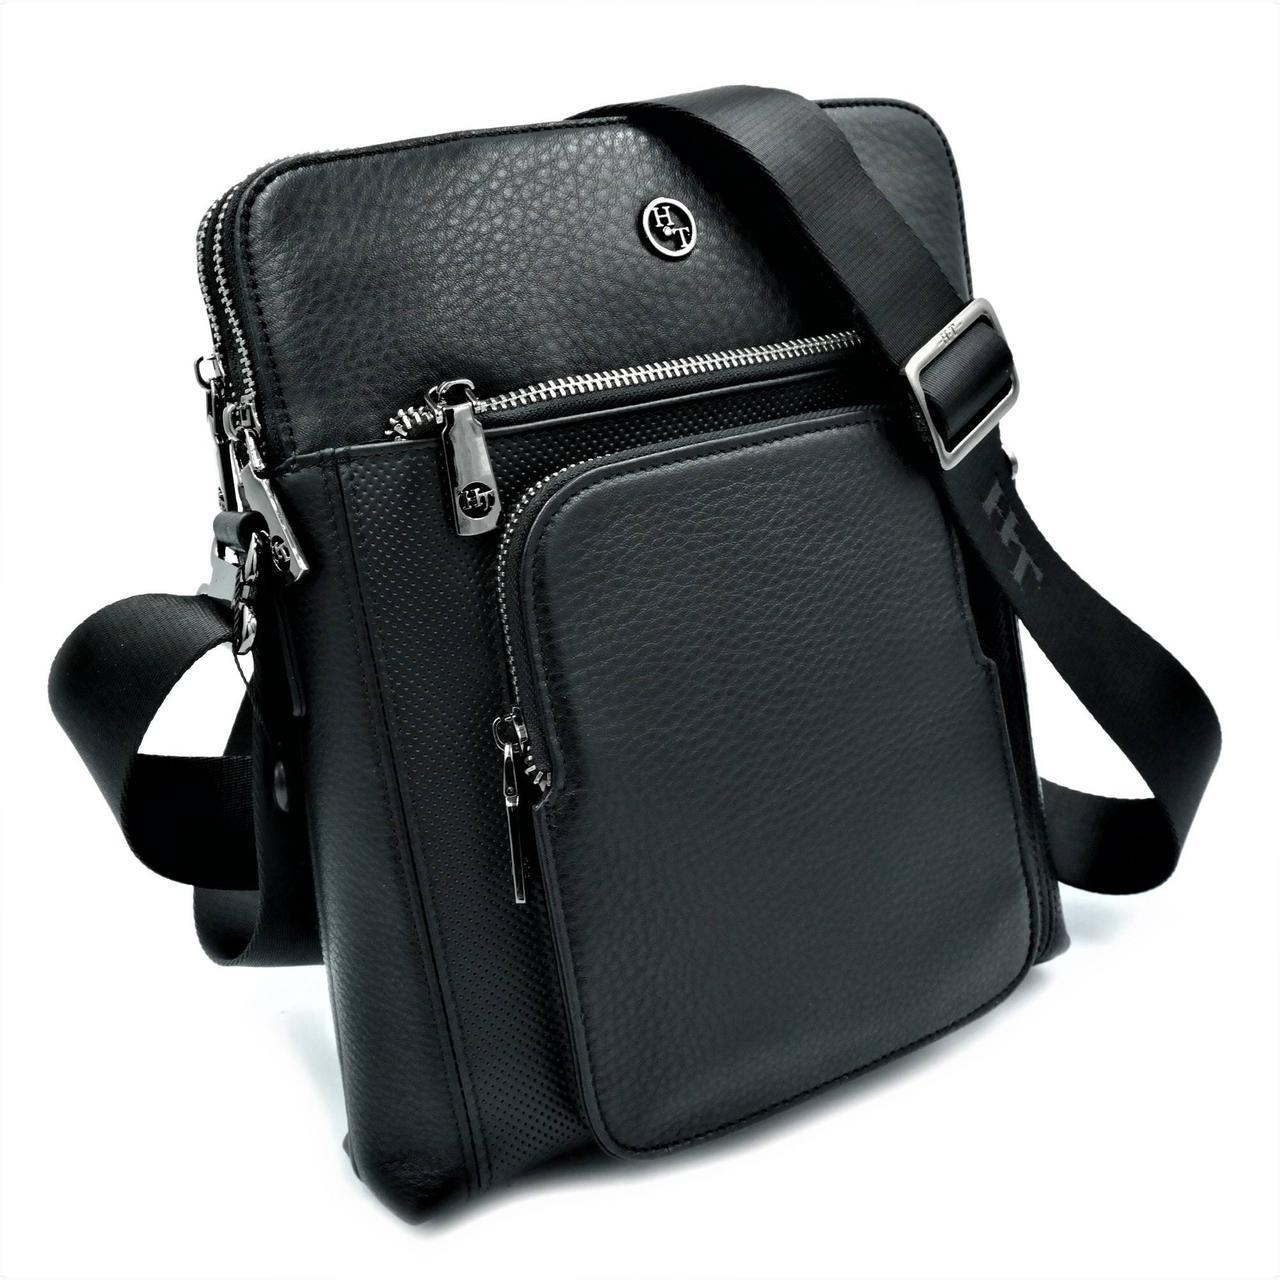 Чоловіча шкіряна сумка H. T. Leather Чорний (5499-3)